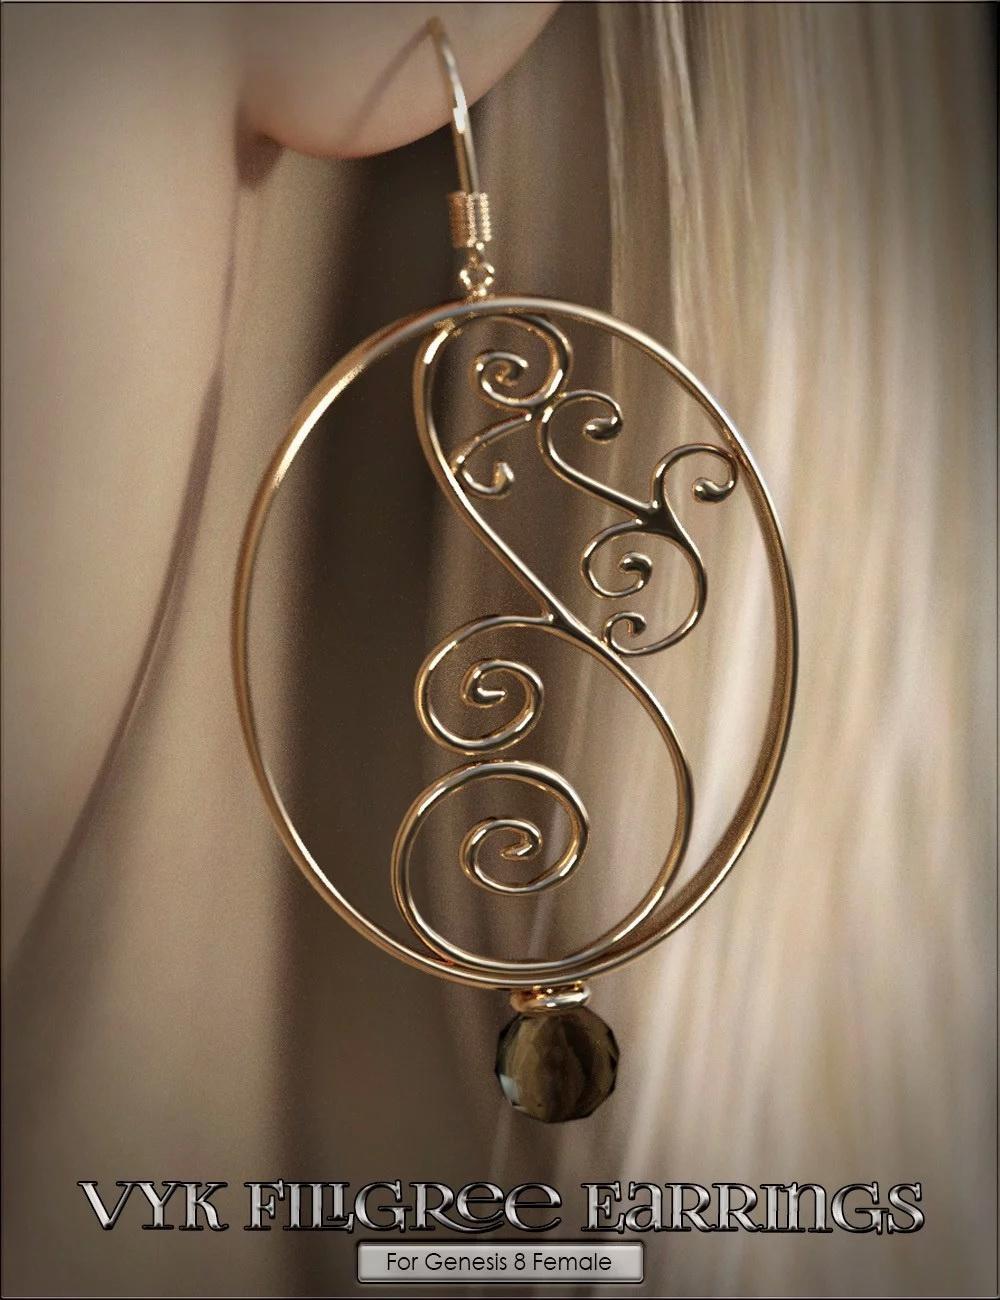 VYK Filigree Earrings for Genesis 8 Female(s)